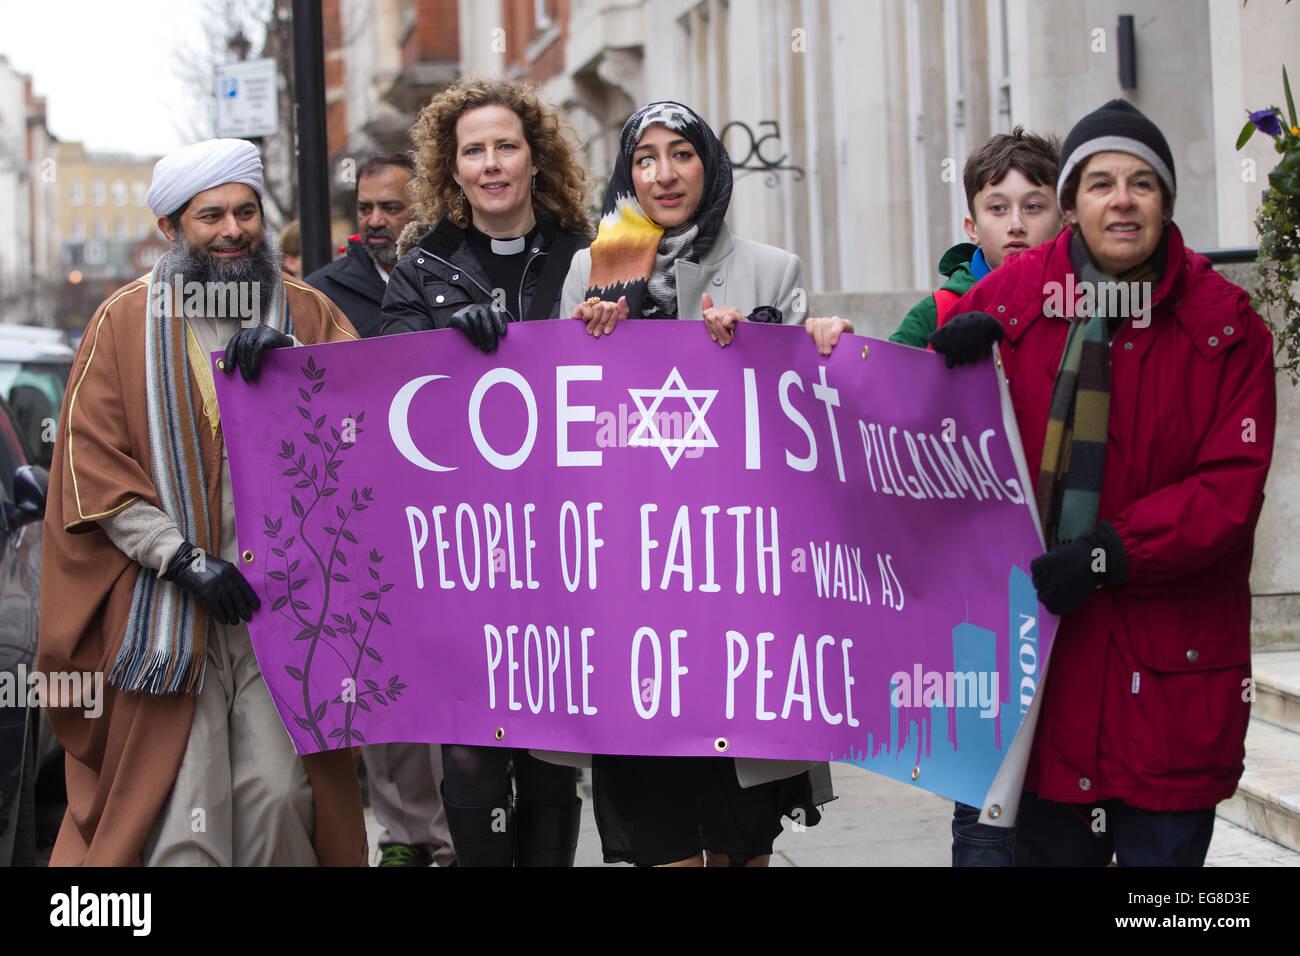 https://c8.alamy.com/comp/EG8D3E/london-uk-19th-february-2015-british-faith-leaders-far-left-iman-ibrahim-EG8D3E.jpg